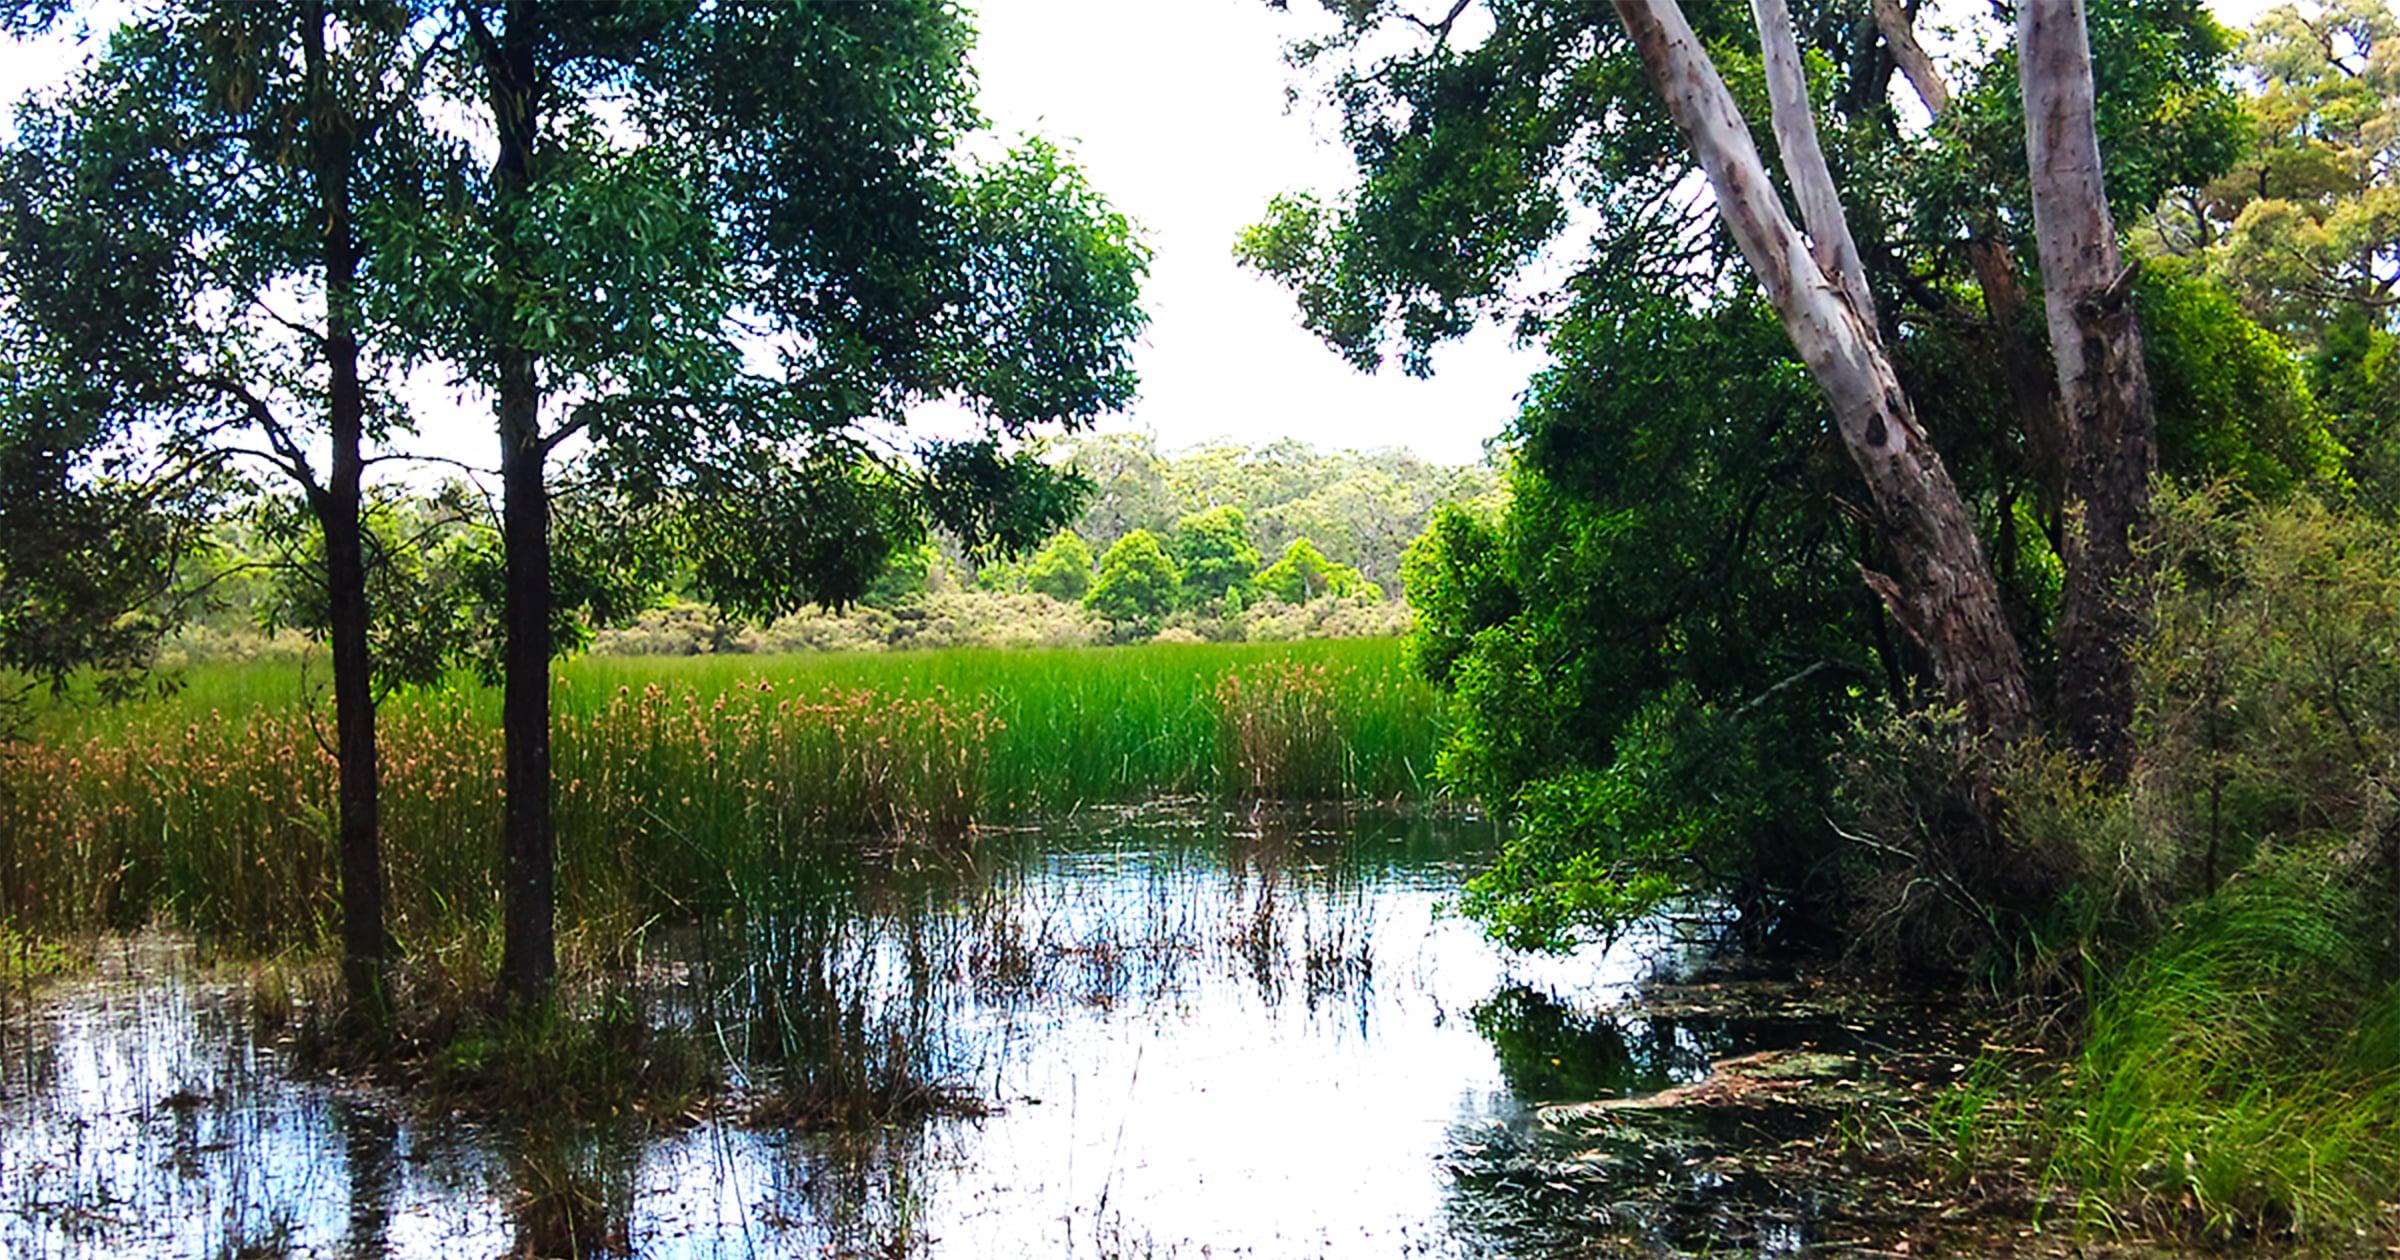 Myamyn Forest